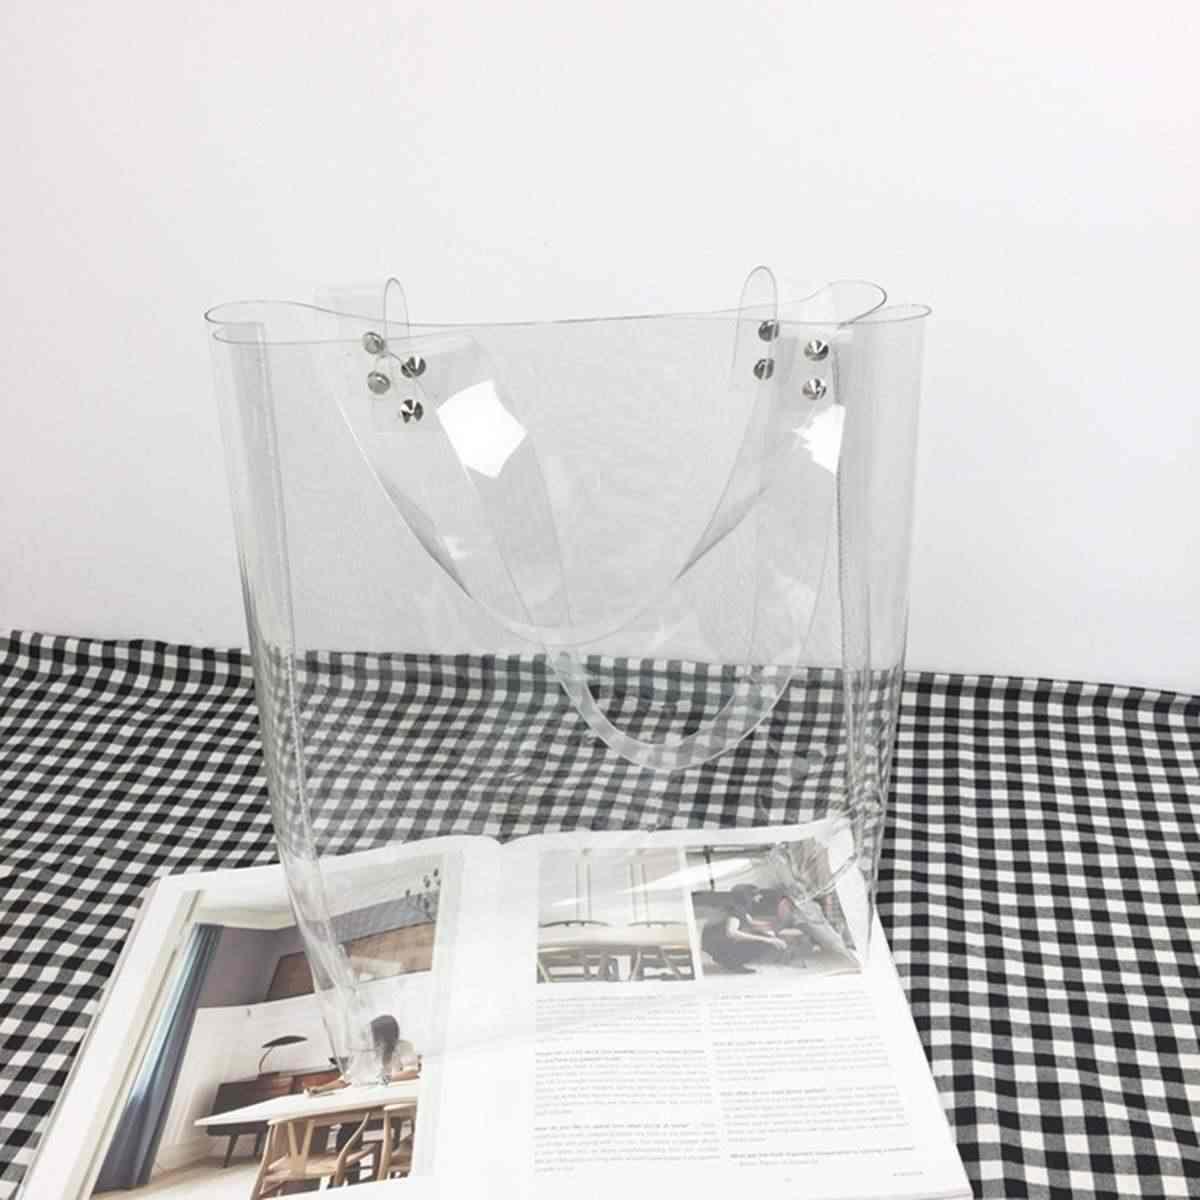 AEQUEEN 2019 Thời Trang Phụ Nữ Rõ Ràng Trong Suốt PVC Túi Xách Phụ Nữ Vai Túi Nhựa Tote Vận Chuyển Shopper Túi Nữ Ly Hợp Purse